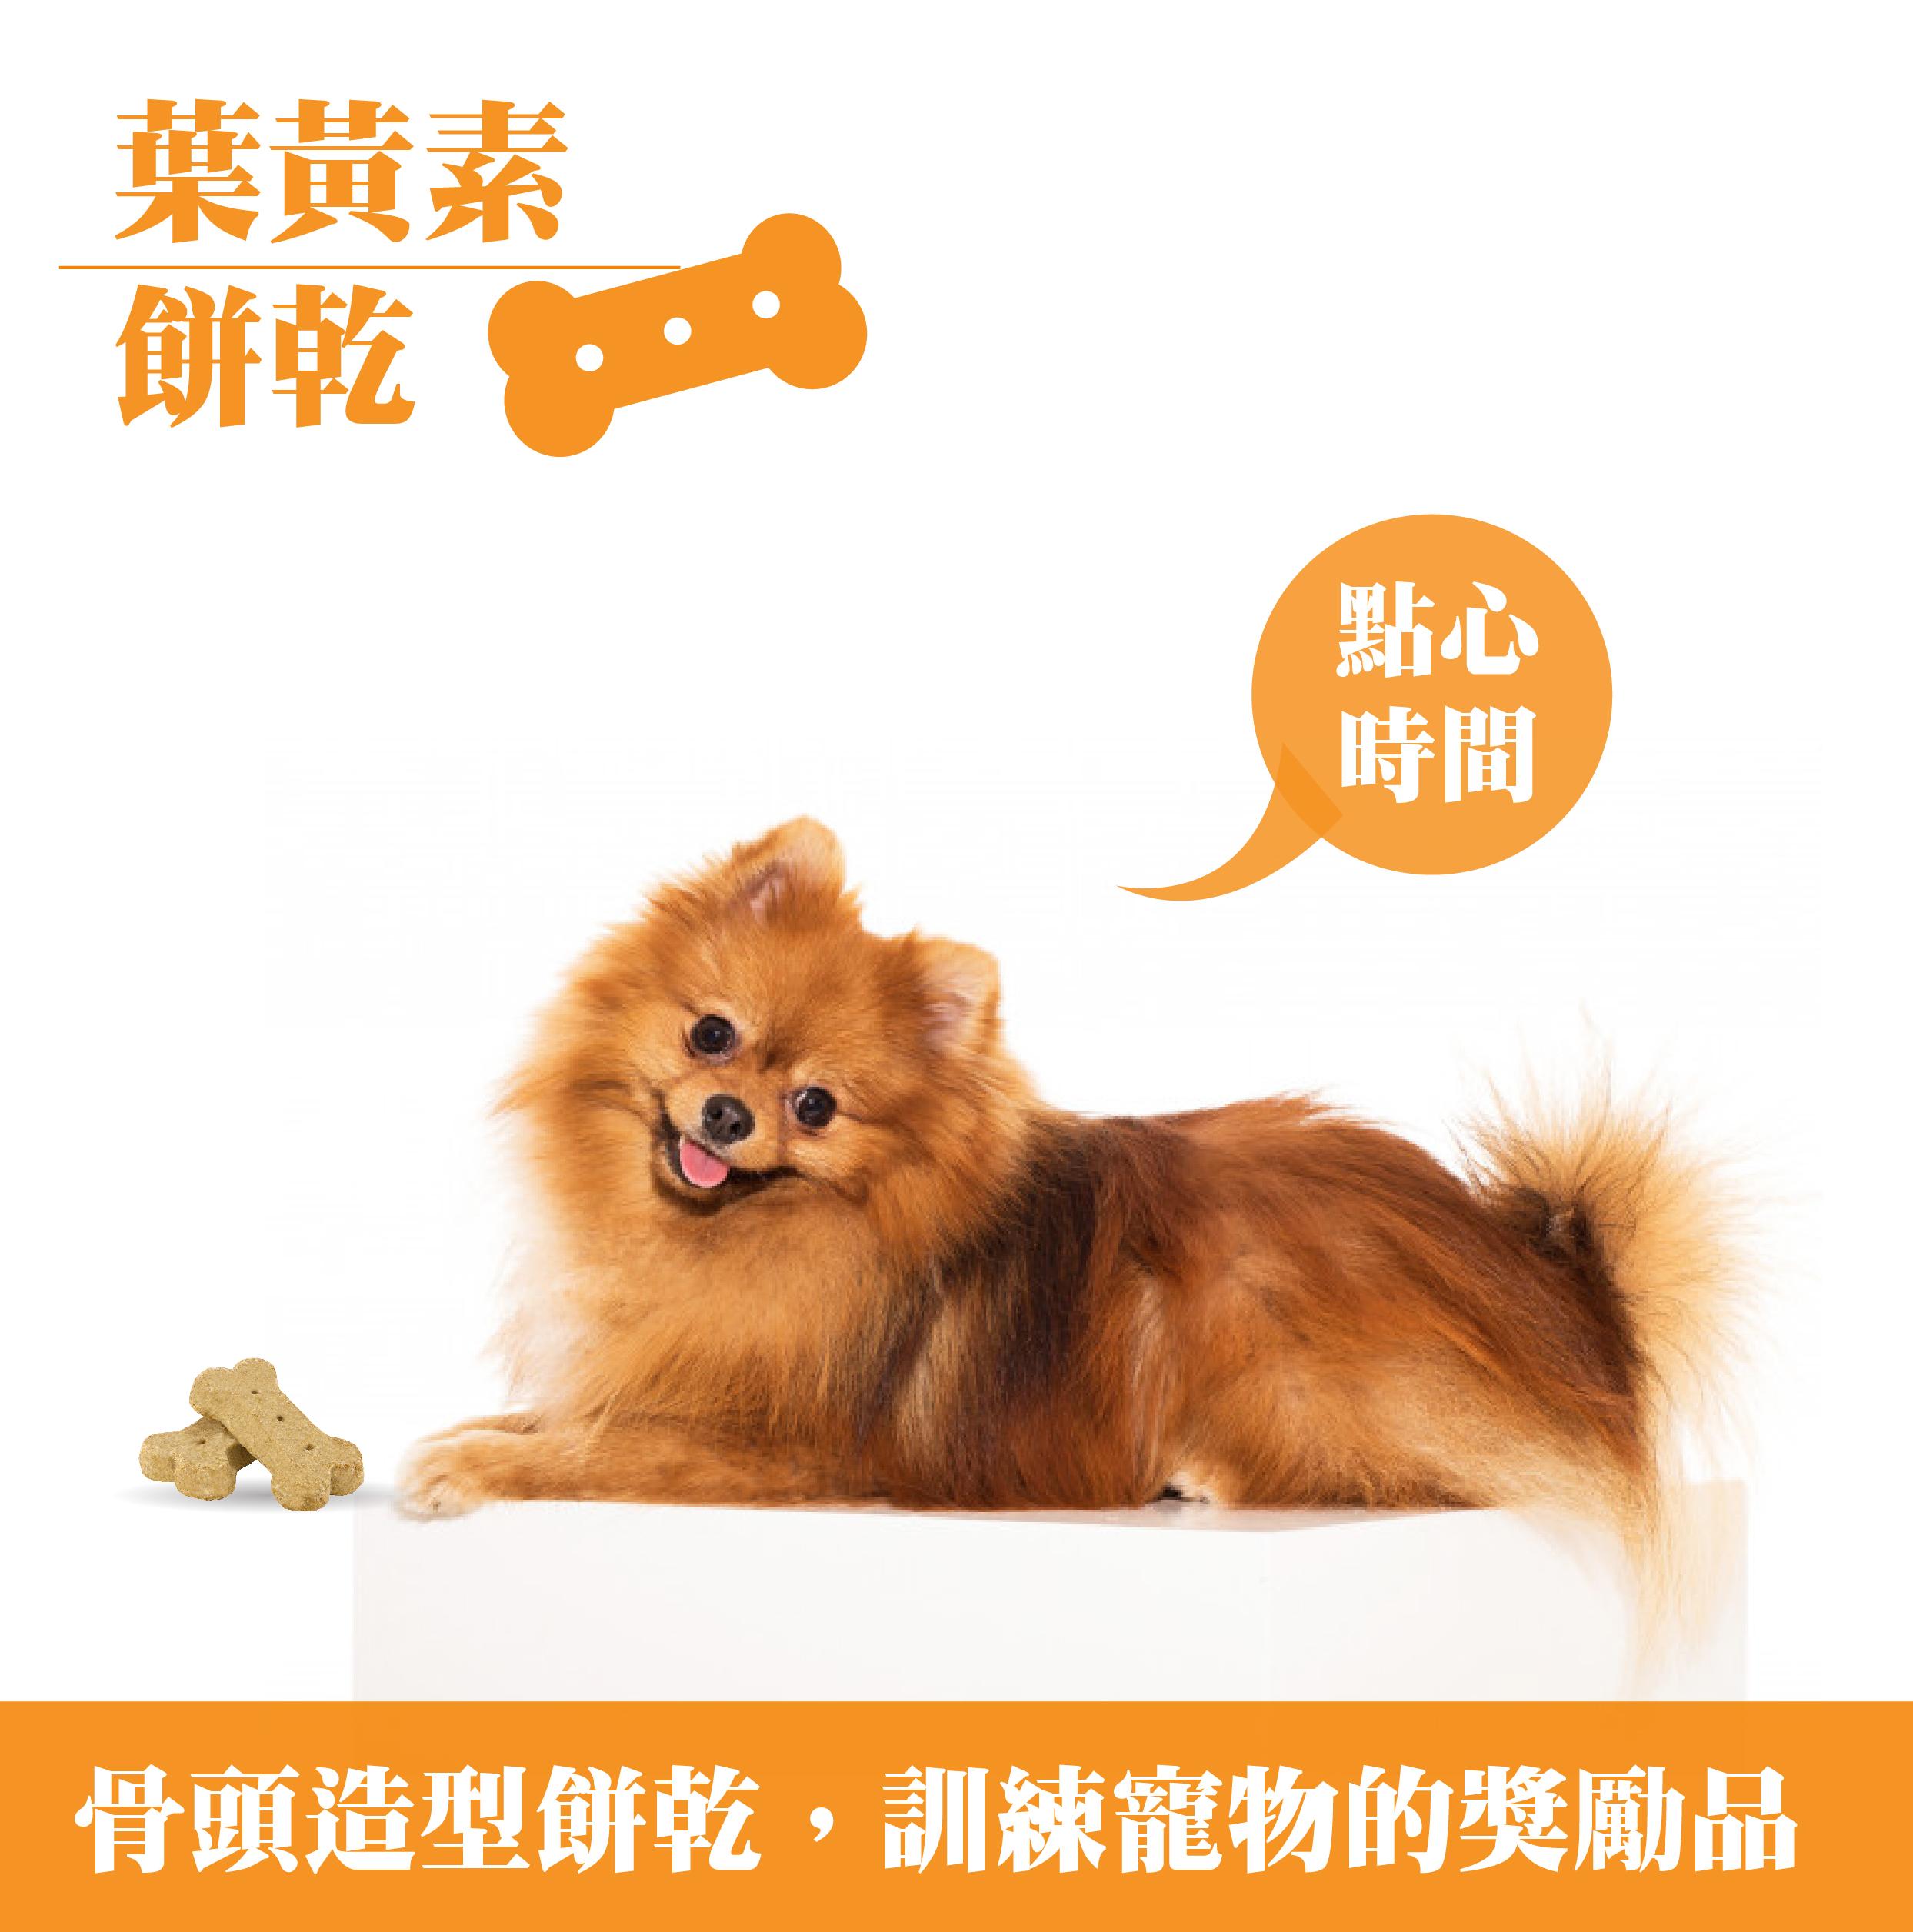 三色骨型餅乾,維持愛犬營養均衡丨戀戀寵物餅乾零食-全球寵物